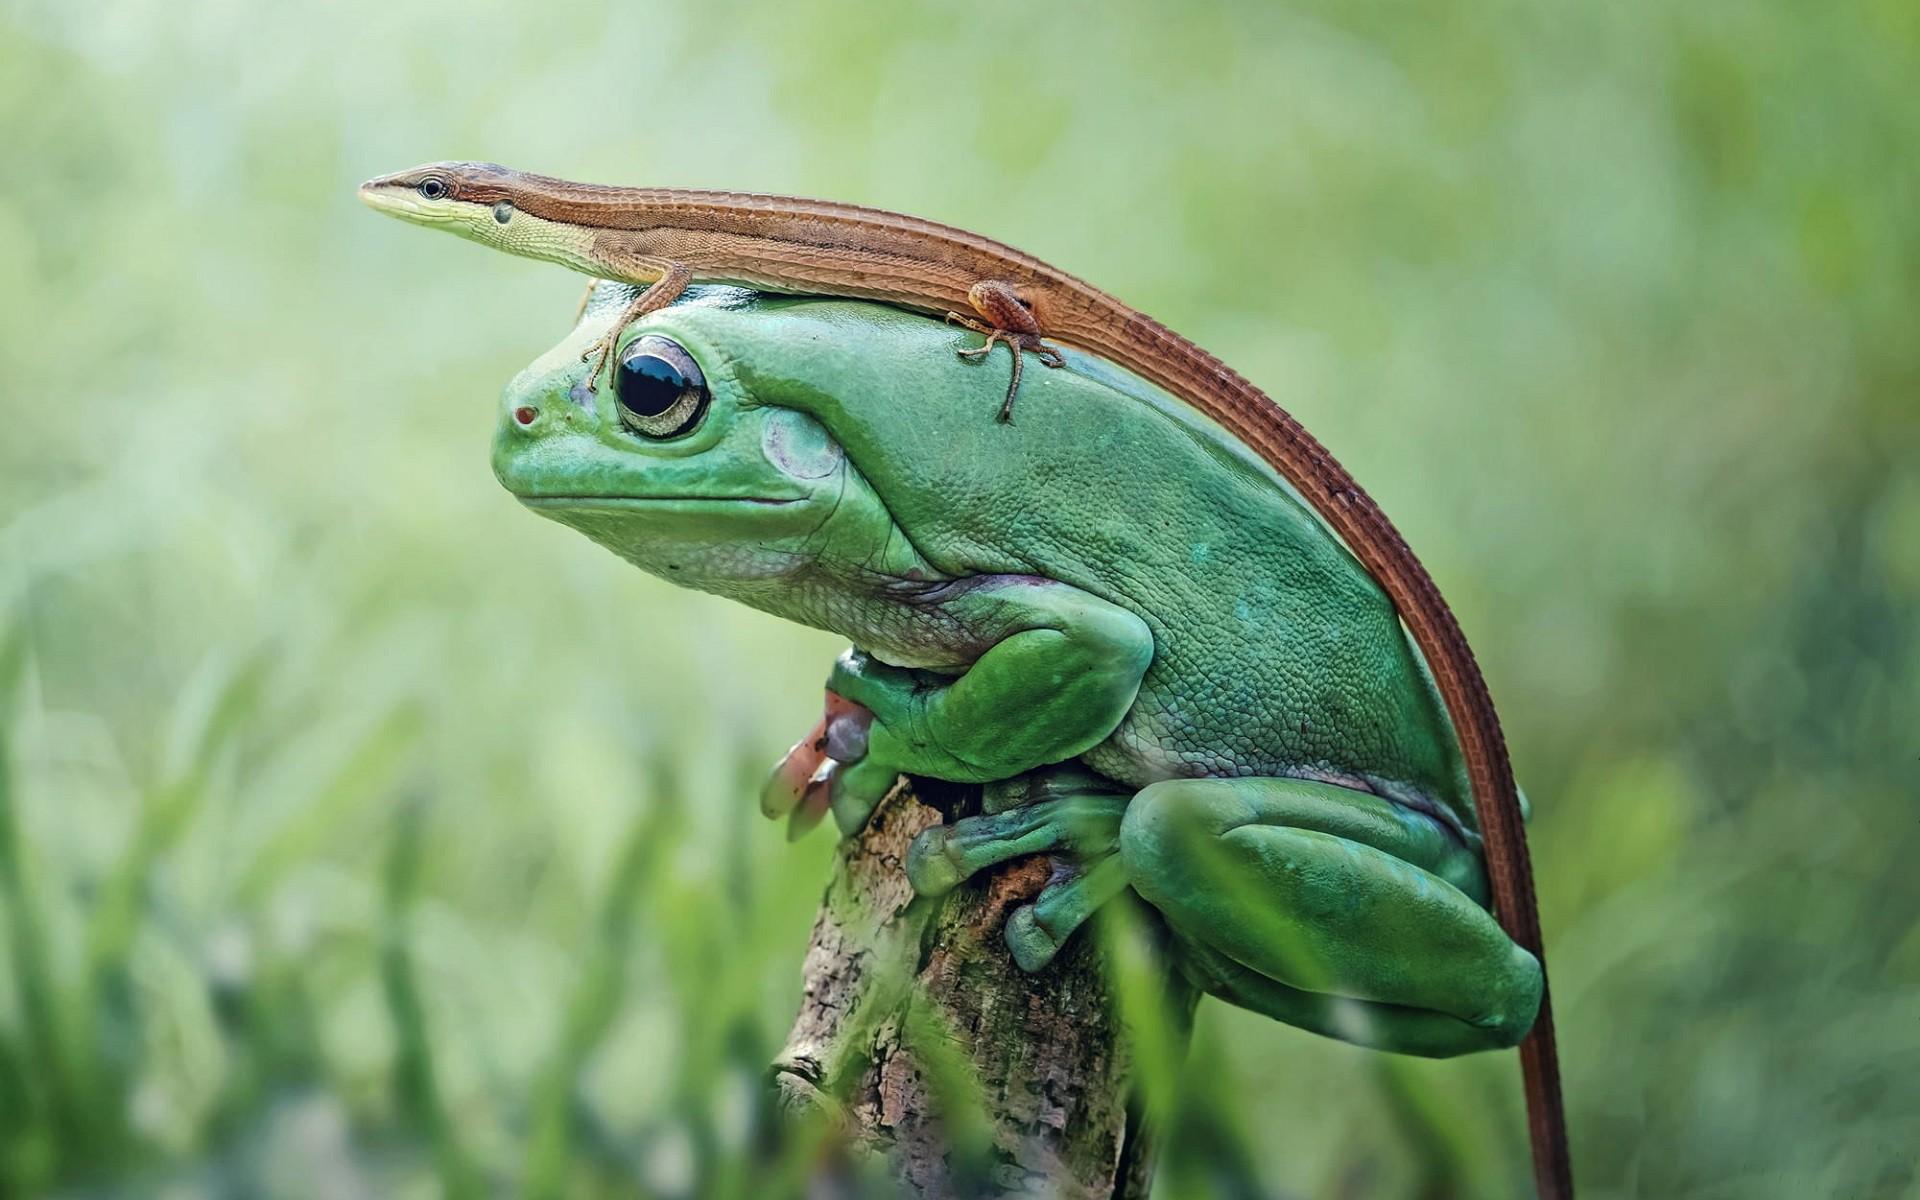 デスクトップ壁紙 自然 トカゲ 閉じる 緑 野生動物 両生類